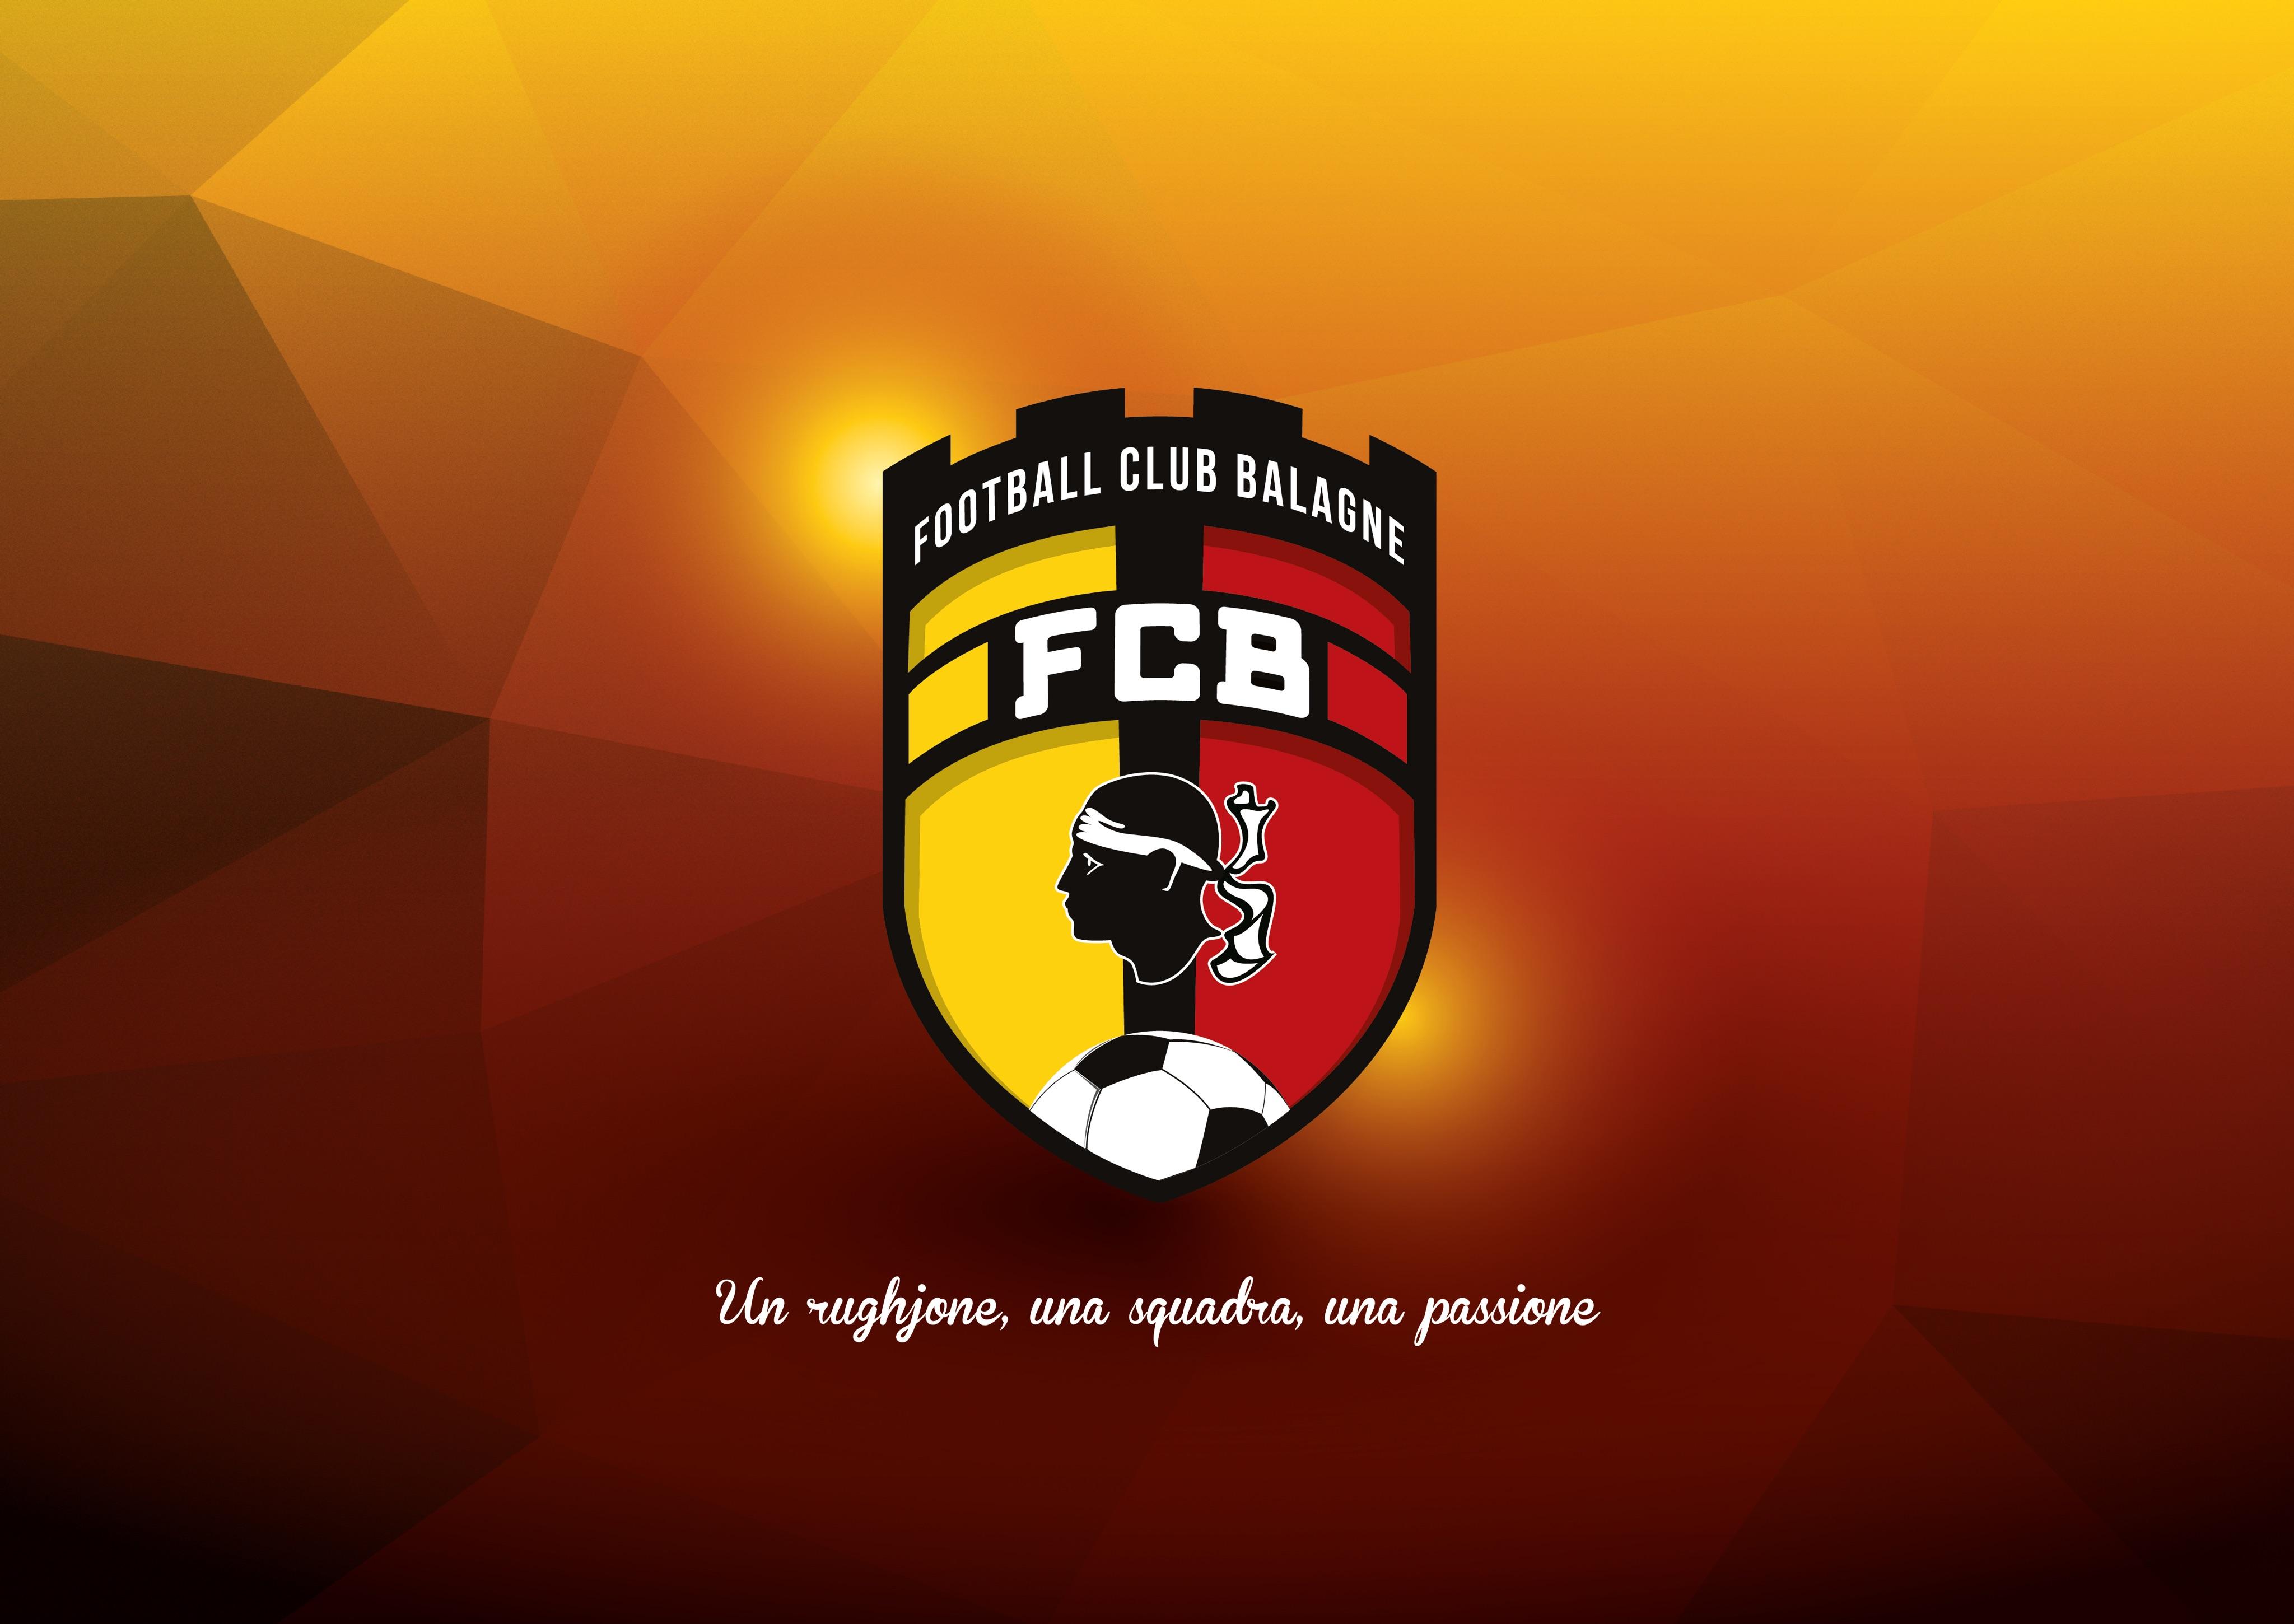 Tout premier match du F.C Balagne ce dimanche à l'Ile-Rousse